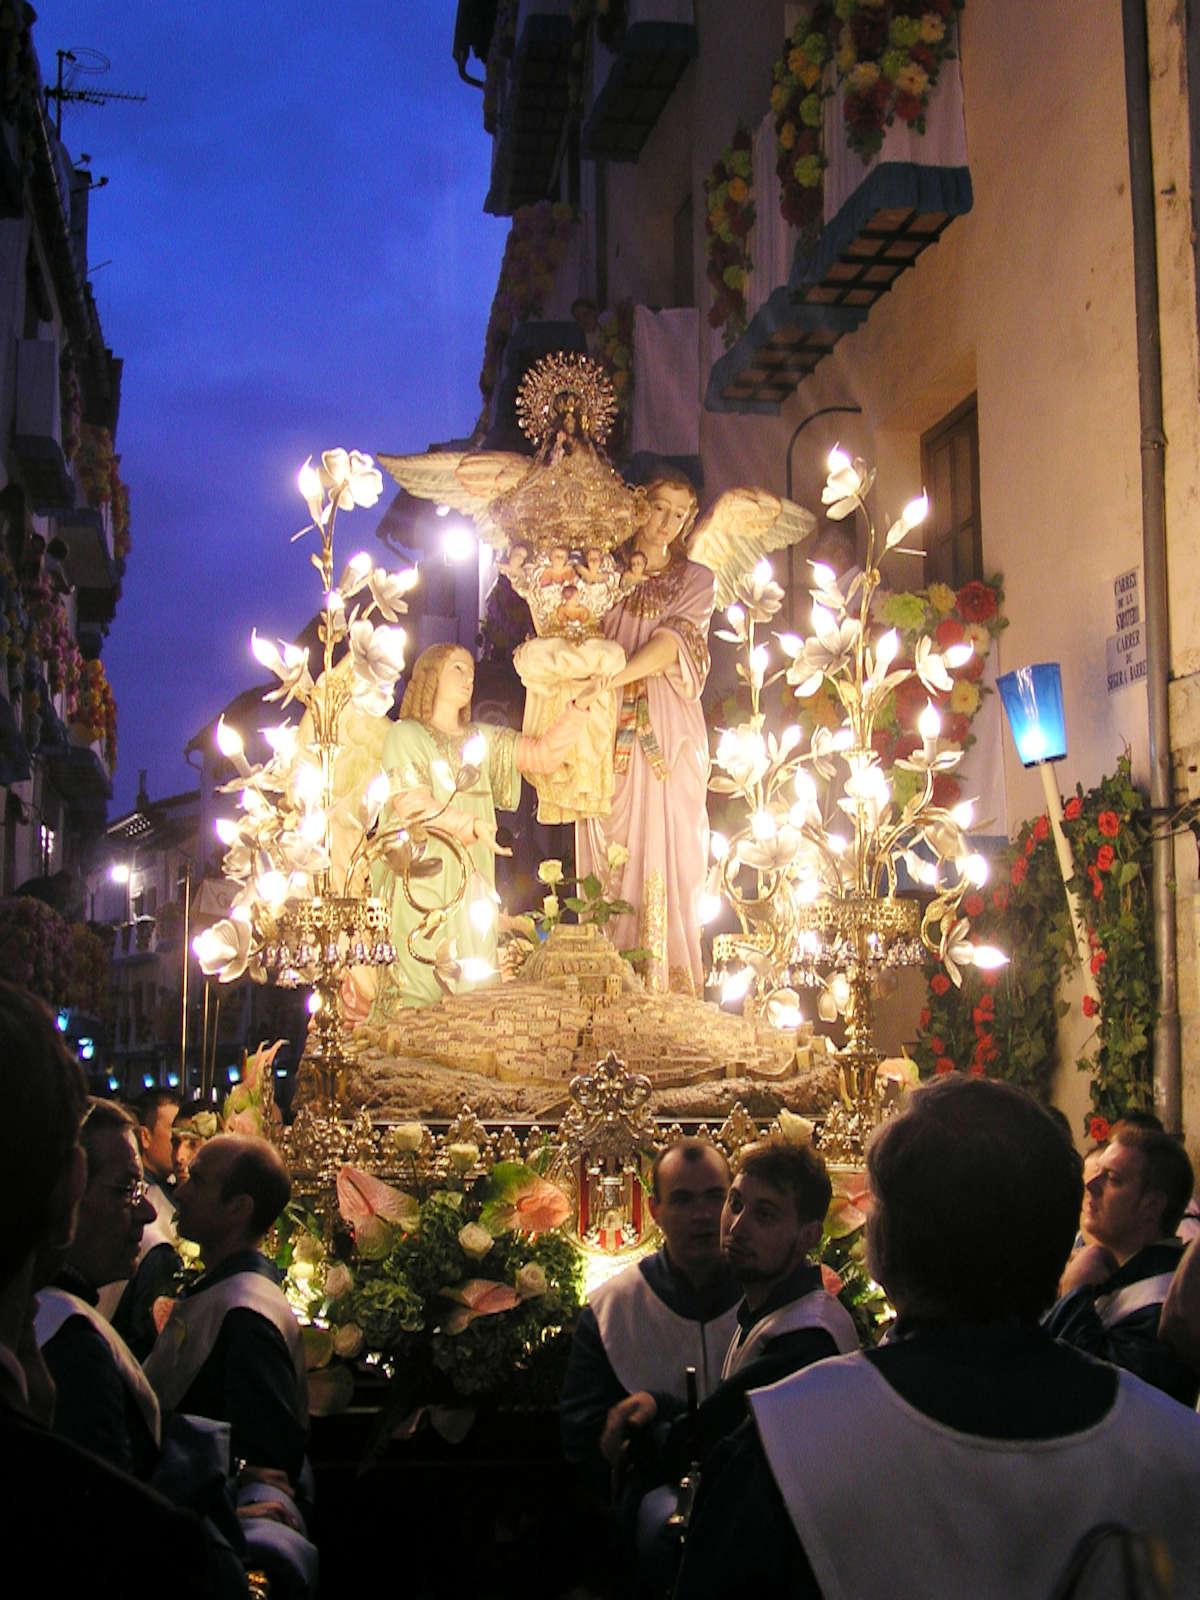 festividades-en-poblado-morella-castellón